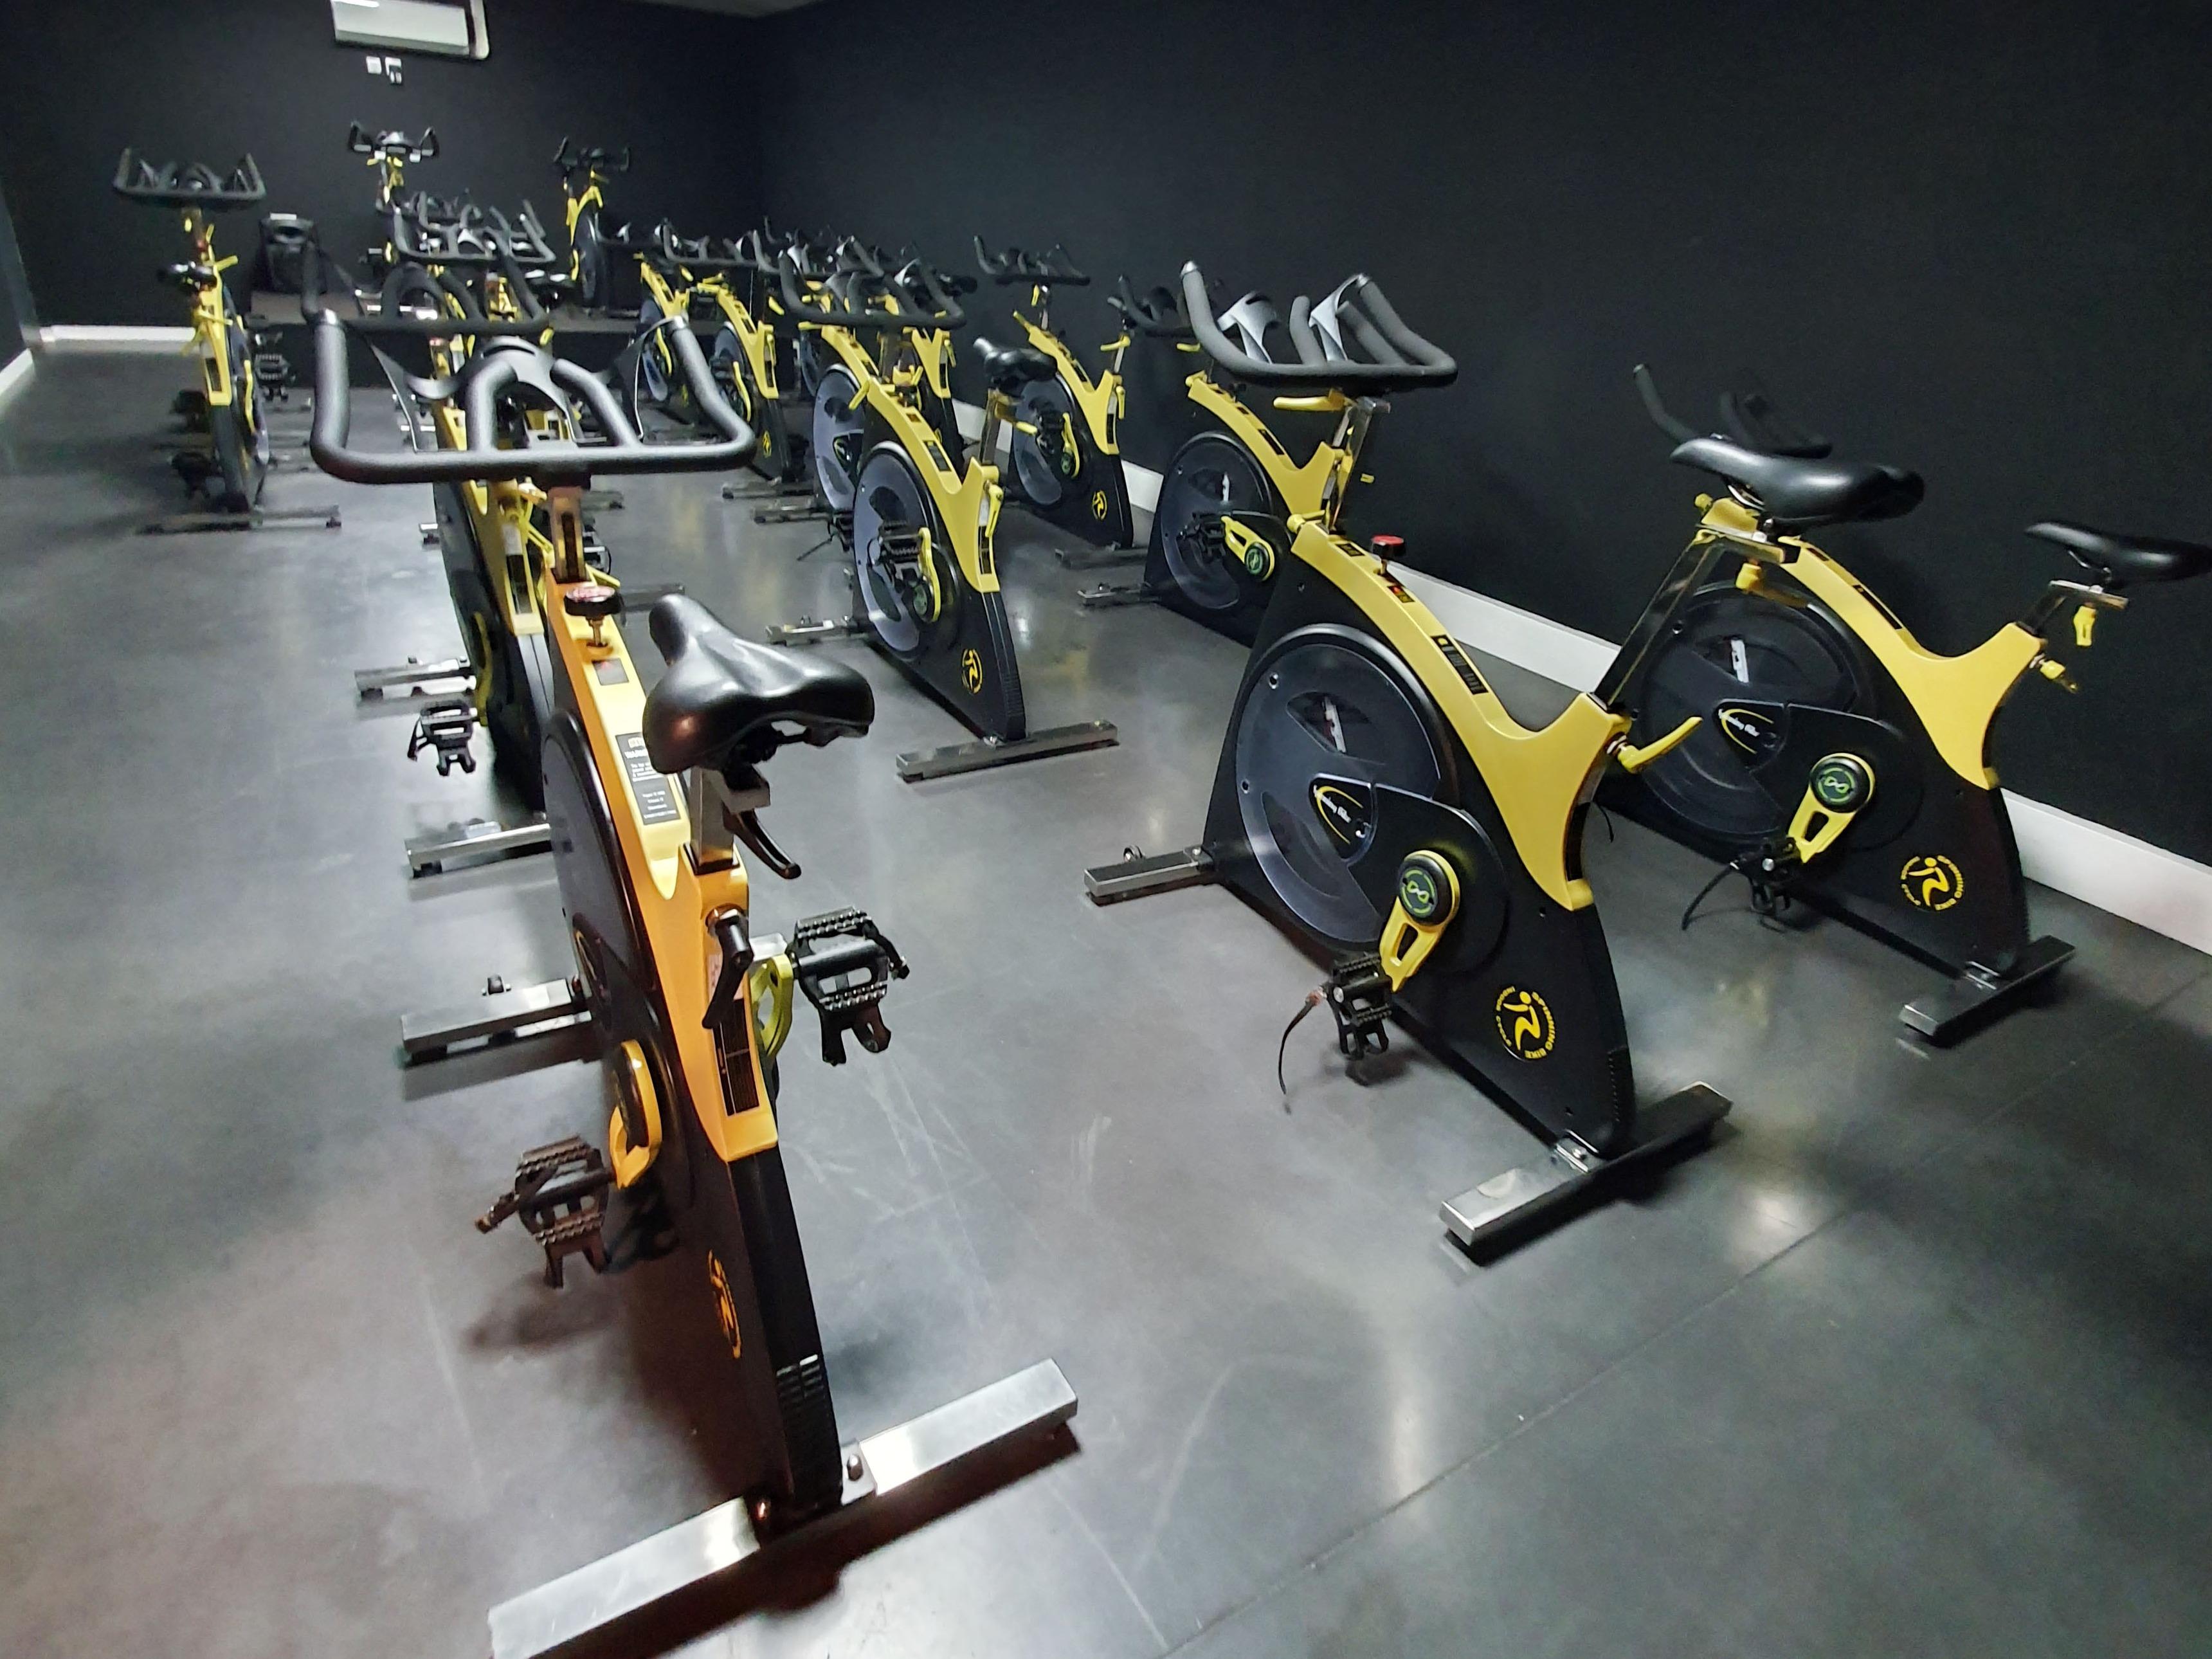 Simply Gym Portet